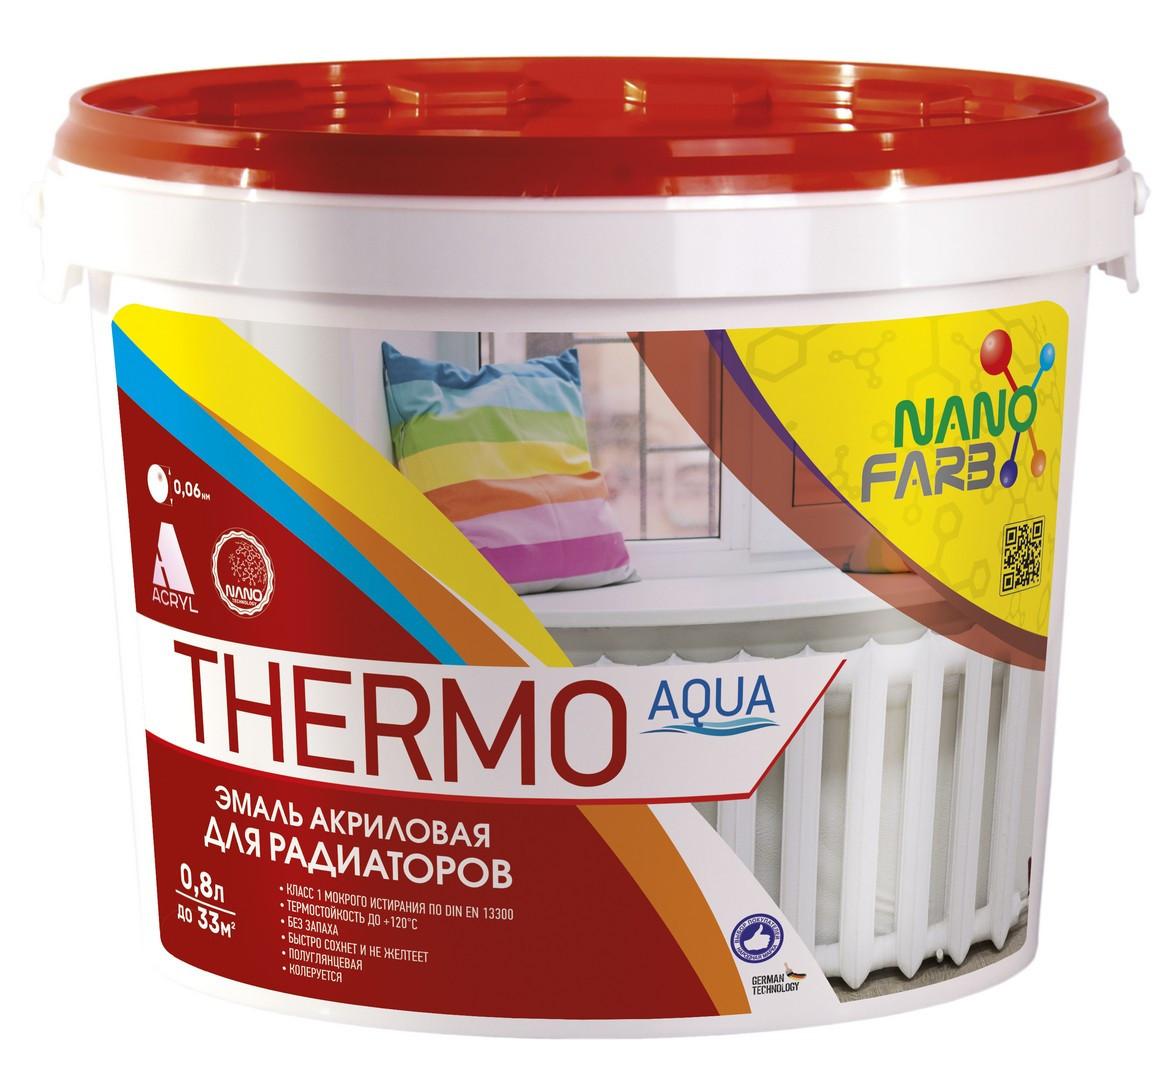 Эмаль для радиаторов Thermo Aqua Nano farb 0.8 л